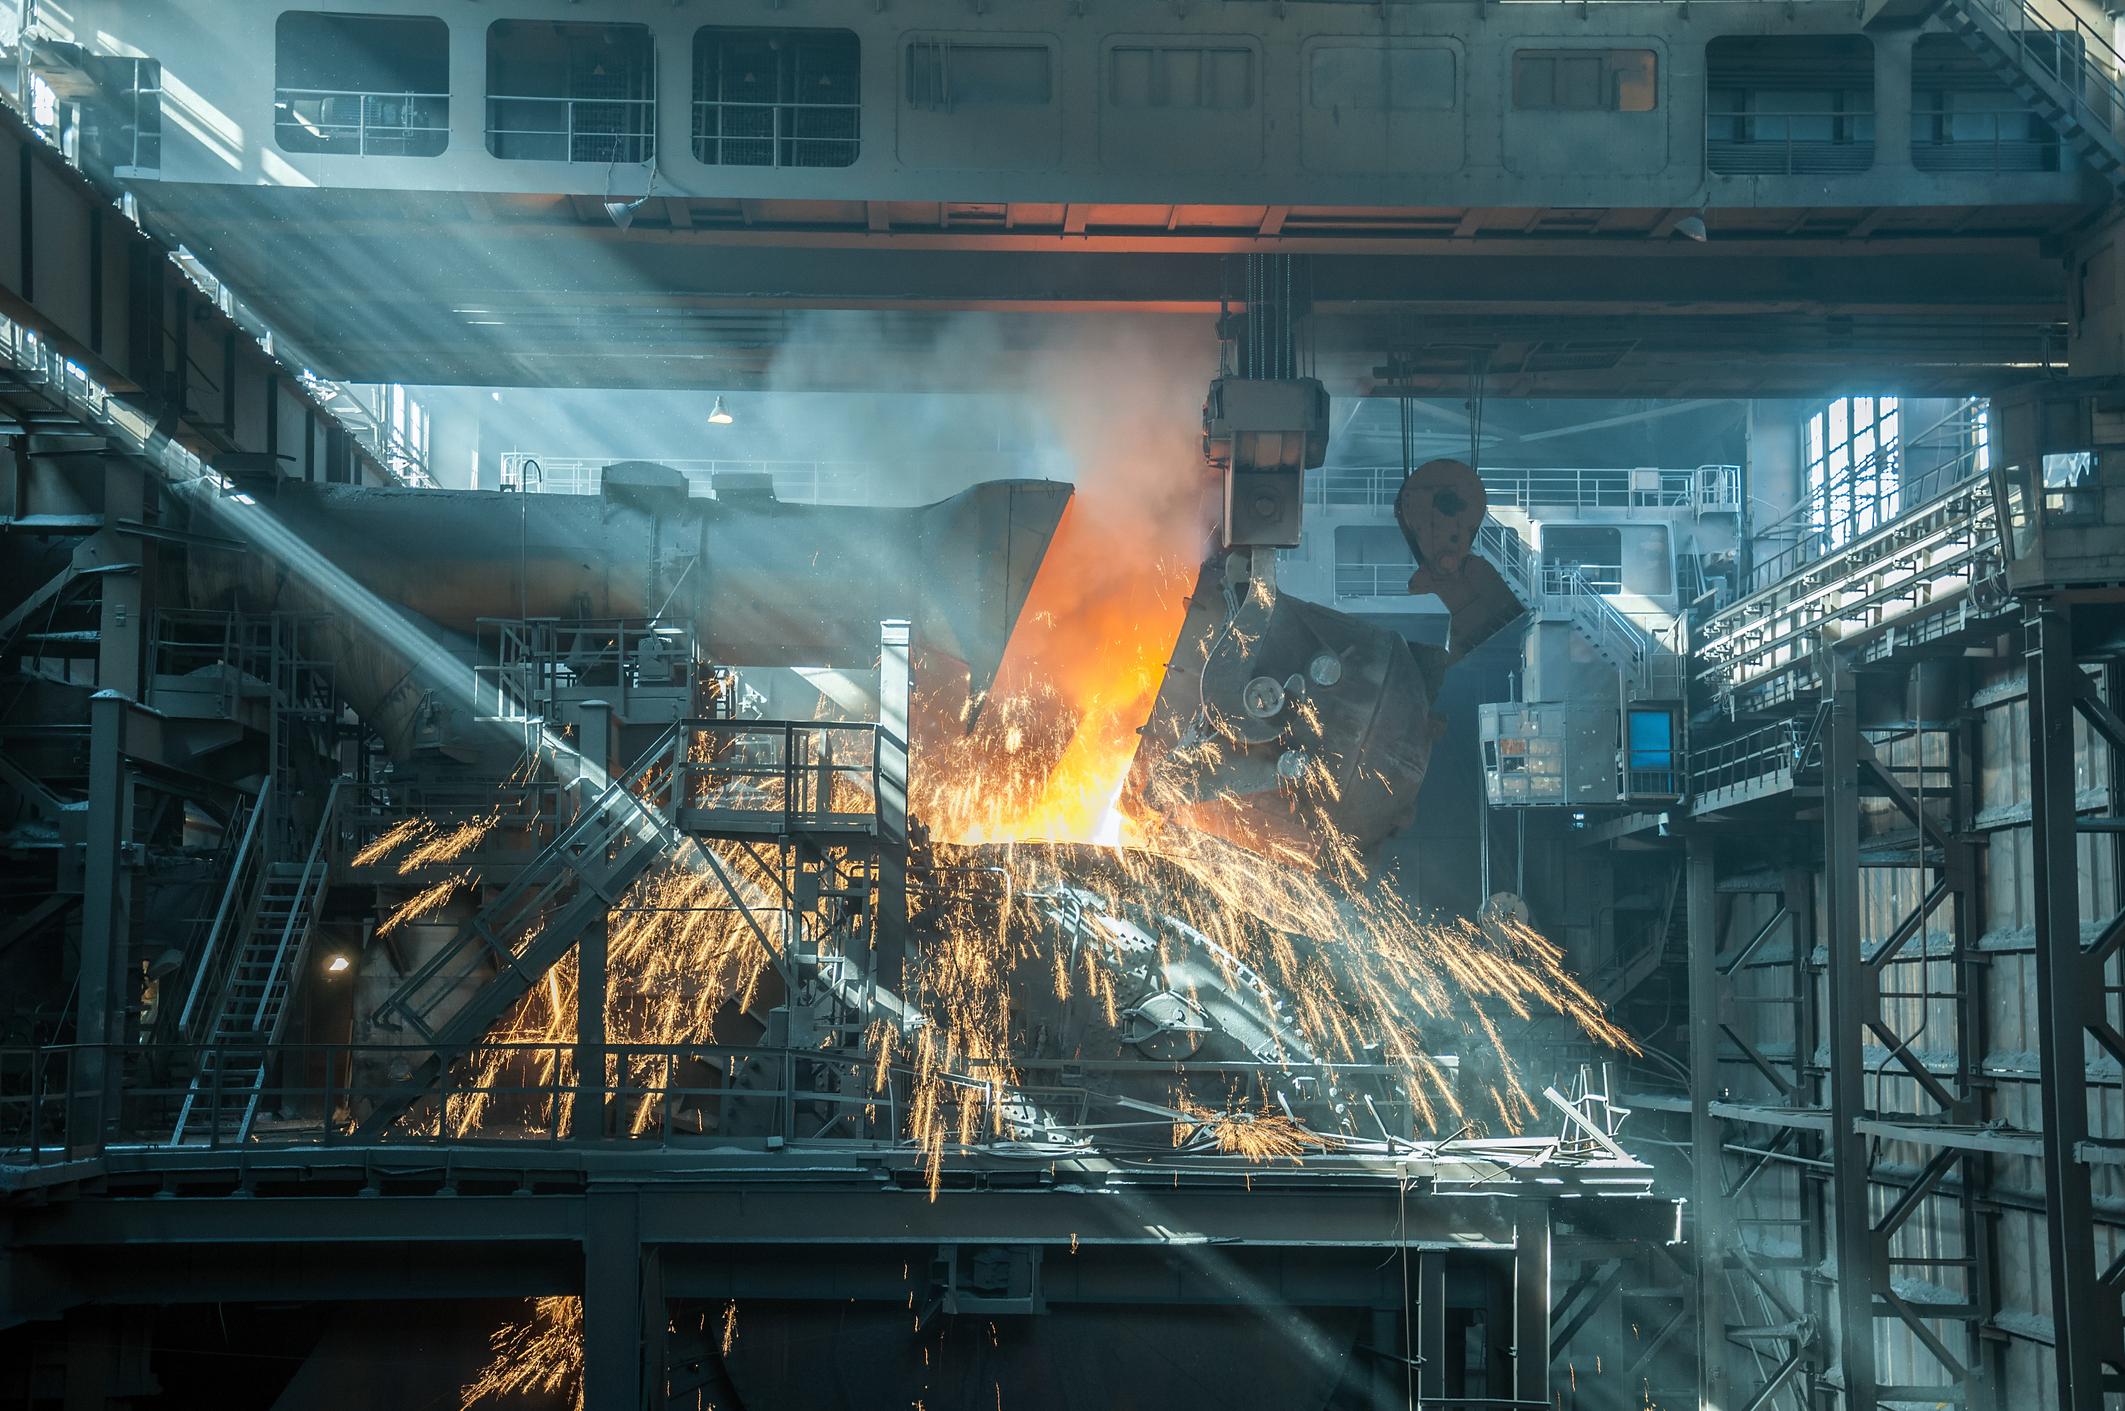 Inside a steel factory